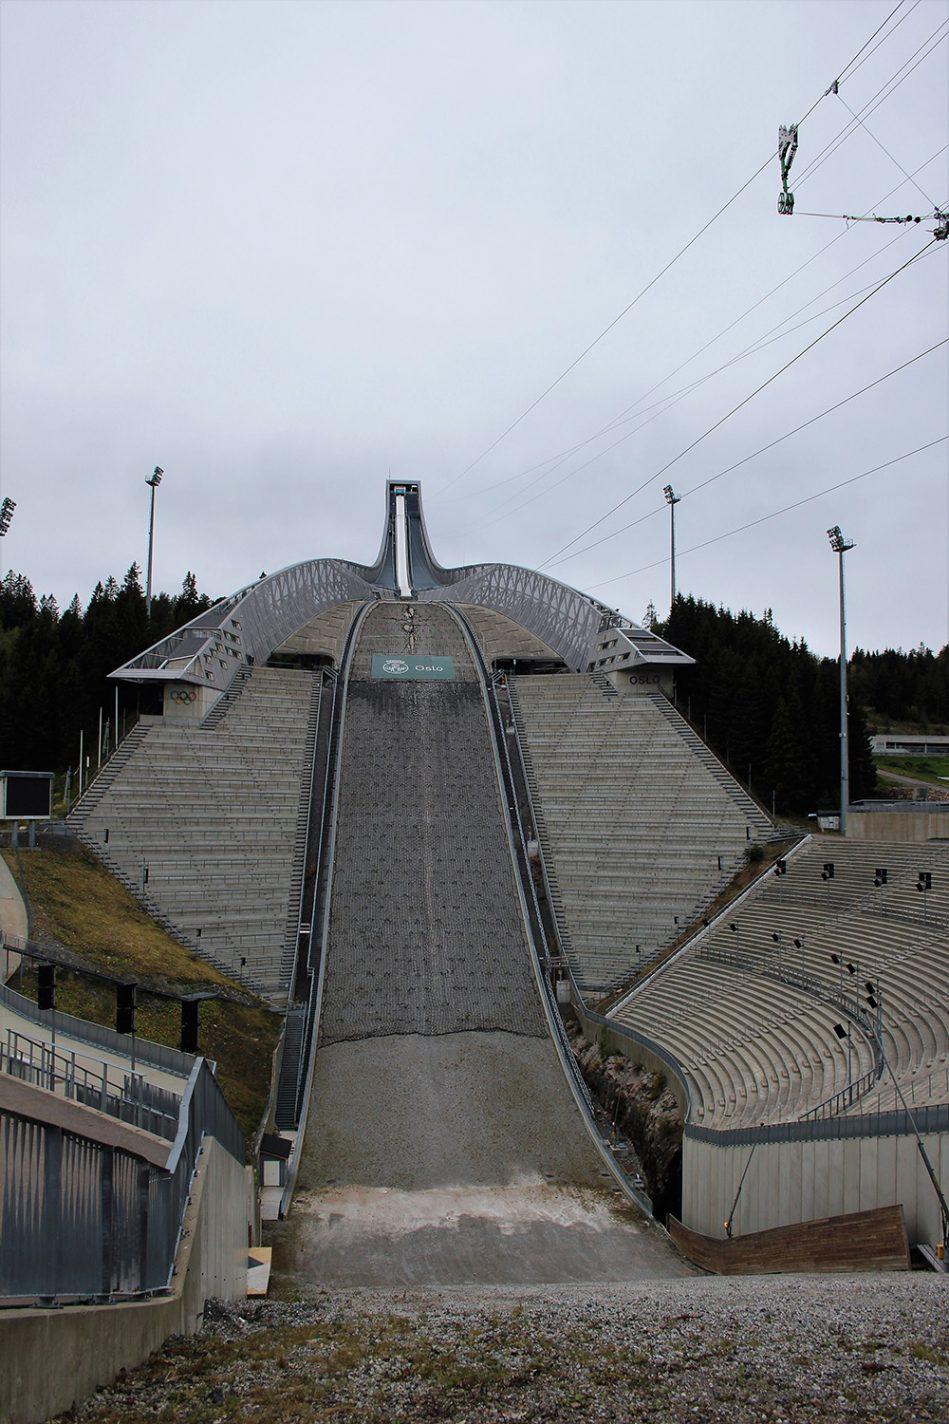 De ski schans op de Holmenkollen berg bij Oslo